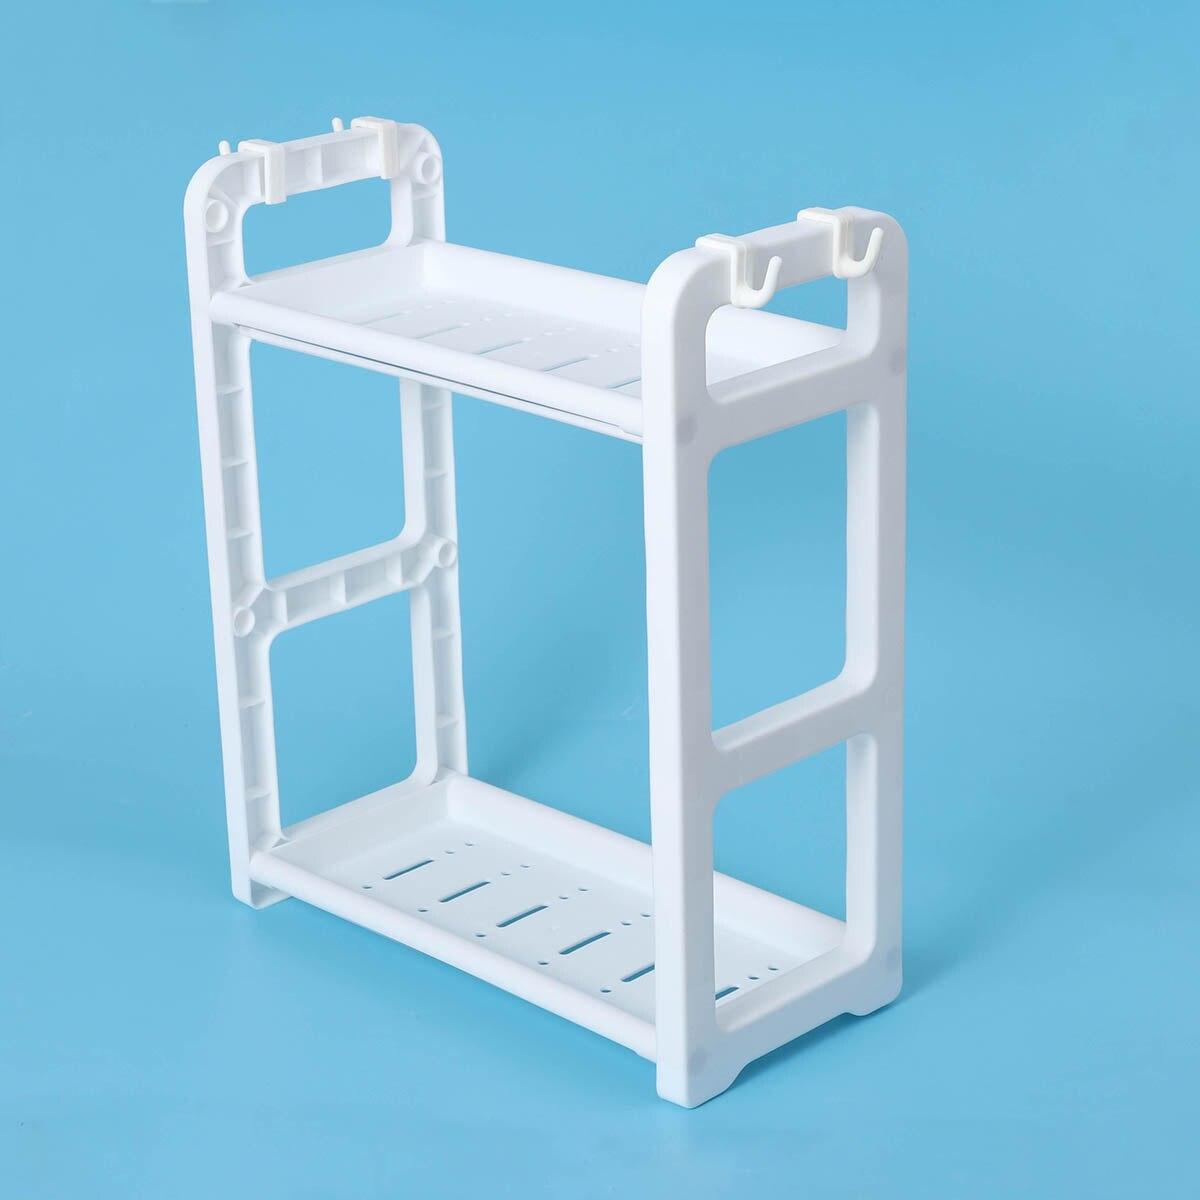 2 Tier Table Standing Rack Kitchen Bathroom Shelf Countertop Storage ...